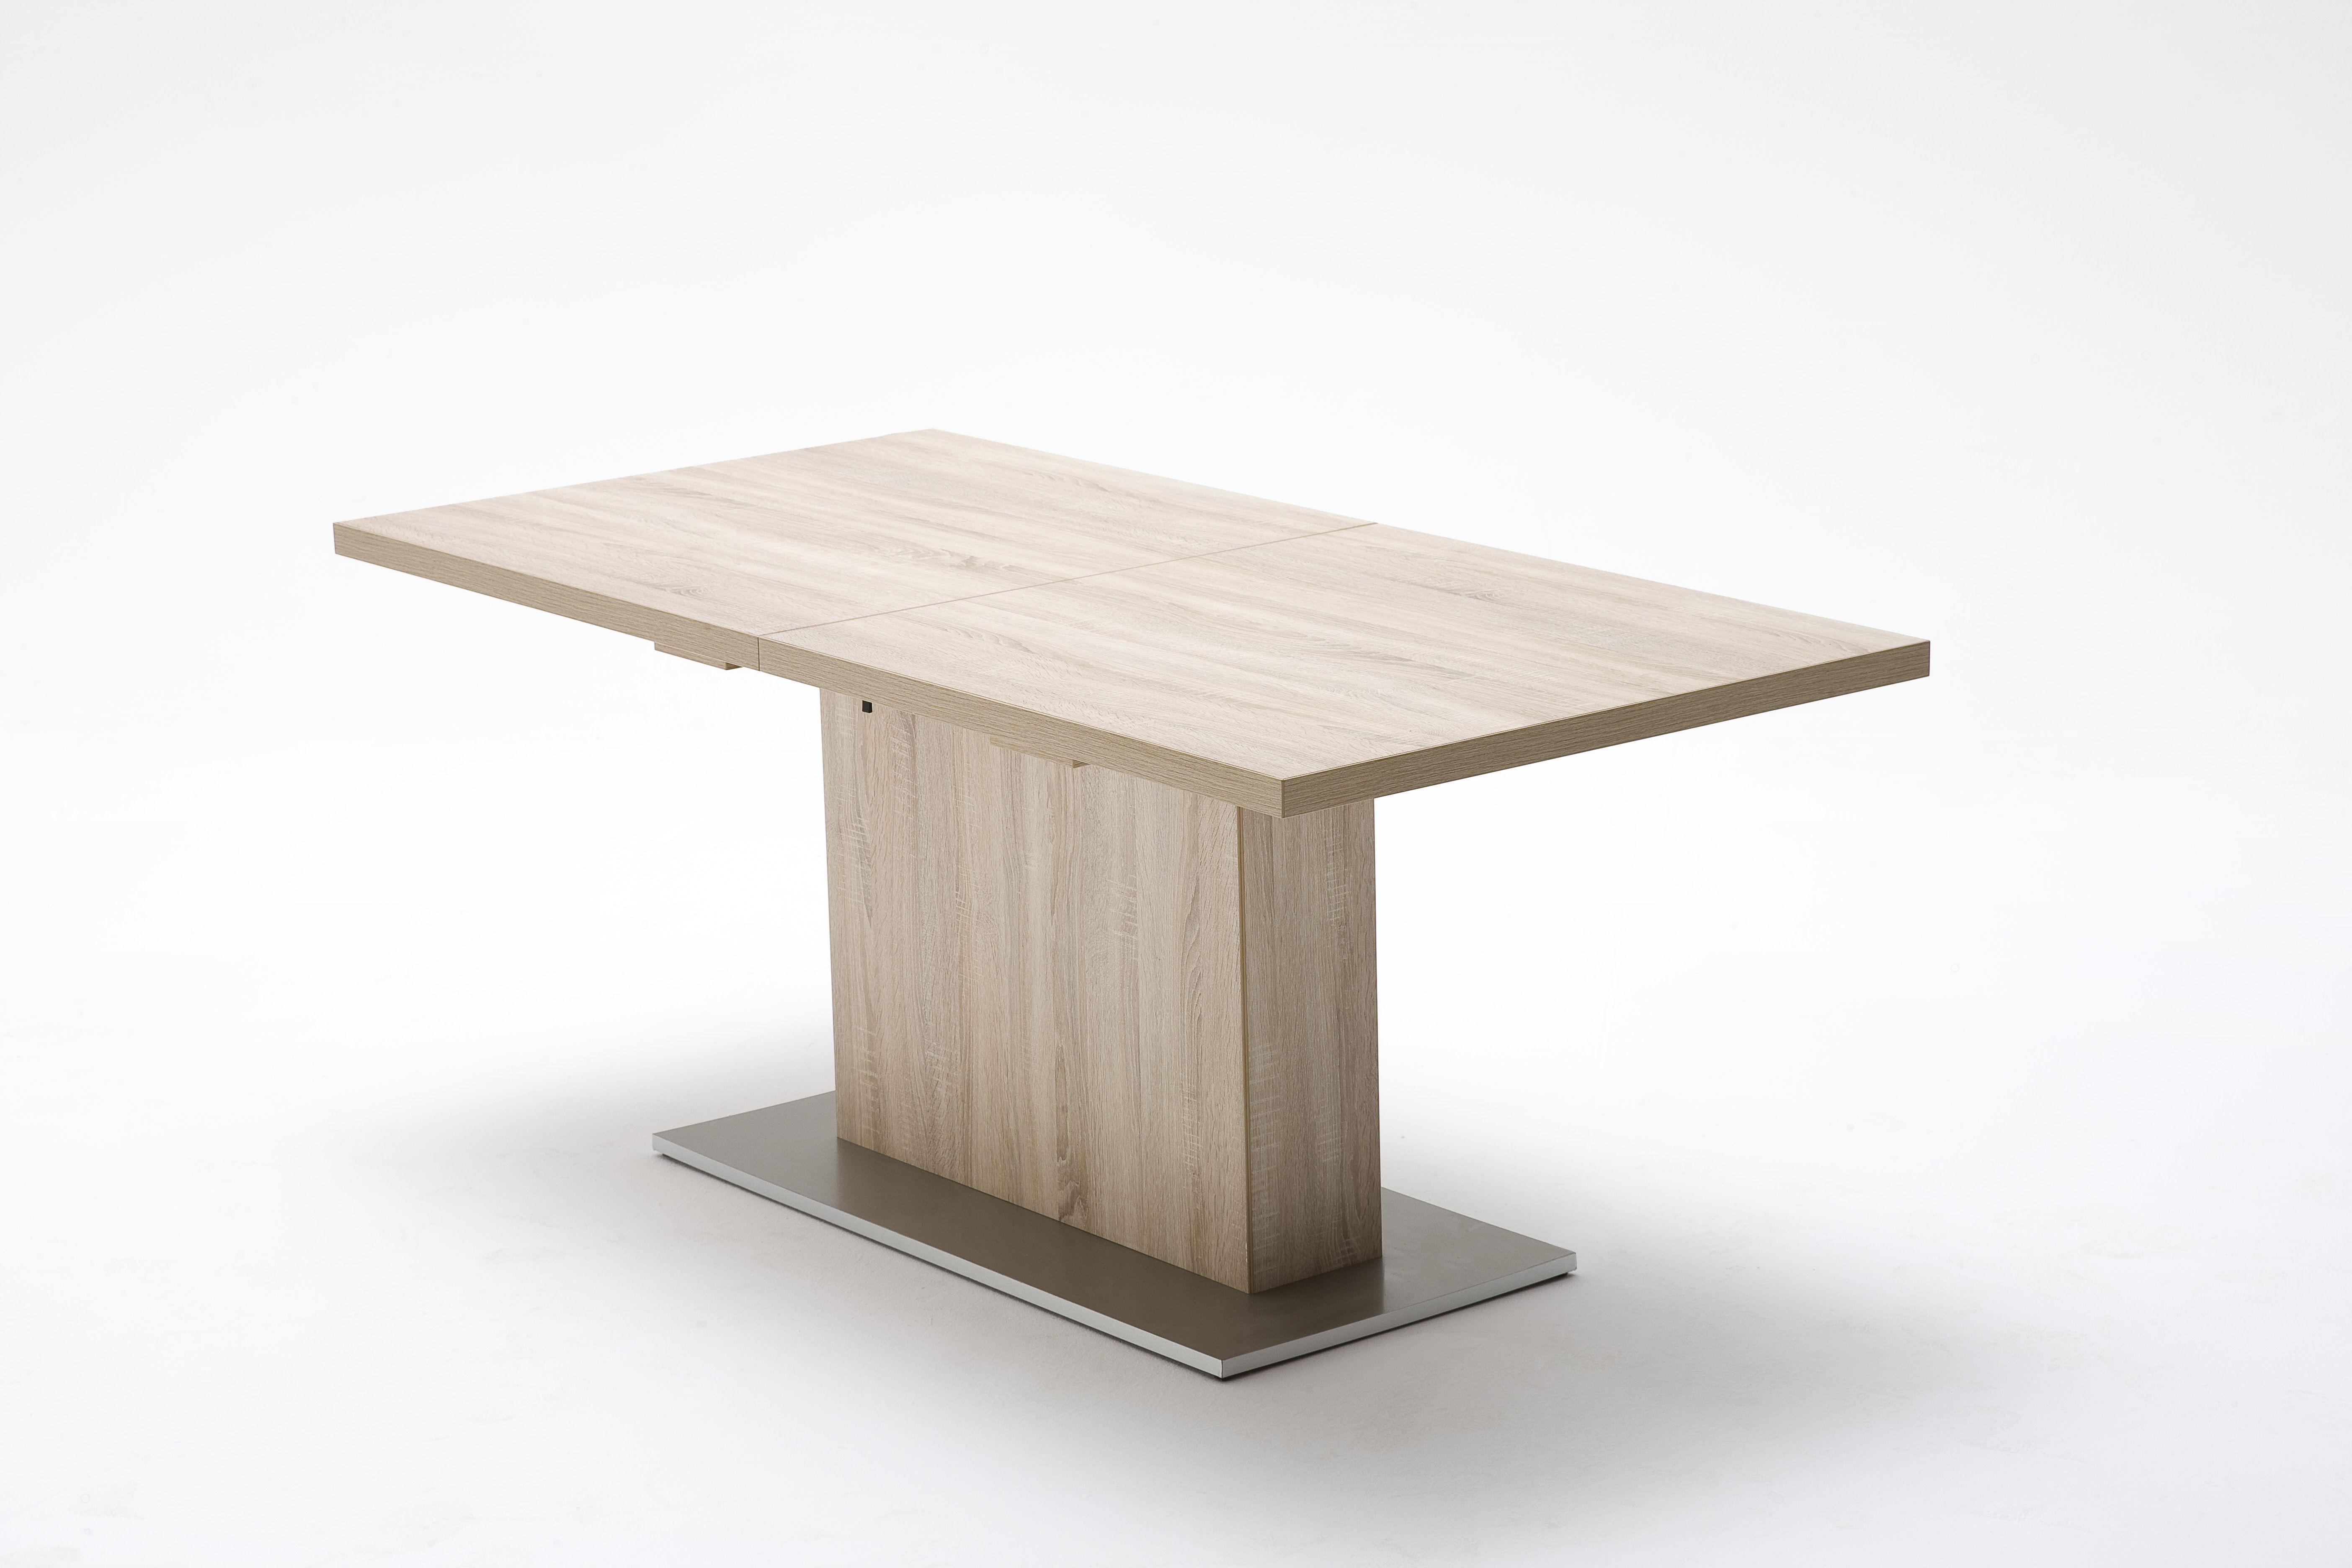 esstisch wallis erweiterbar passend zum mbelprogramm wallis 1 x esstisch mit einlegeplatte 50 cm mae - Erweiterbarer Esstisch